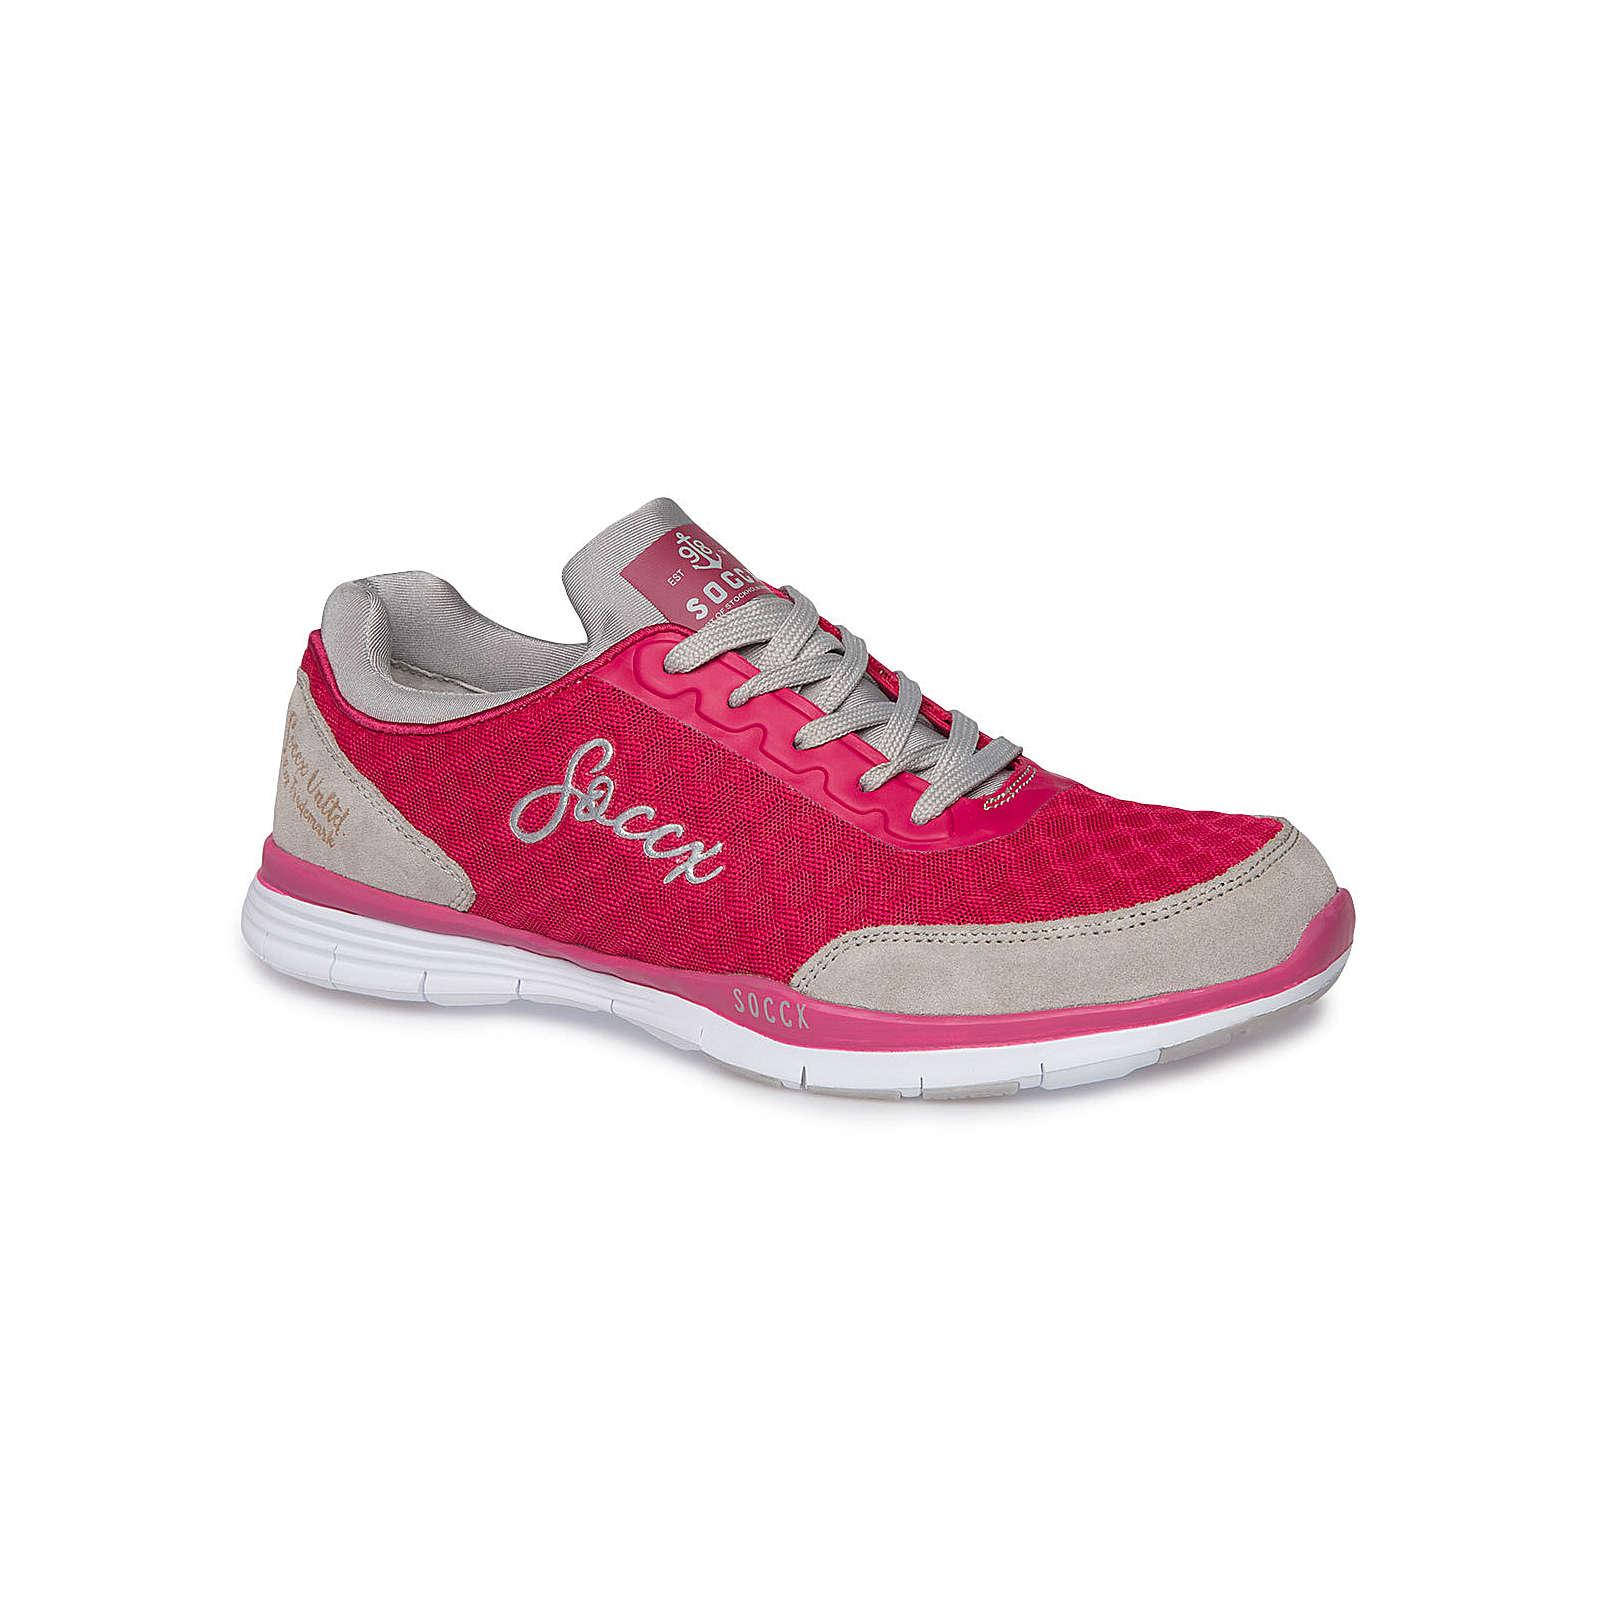 Soccx Sportlicher Sneaker mit Mesh-Struktur fuchsia Damen Gr. 41